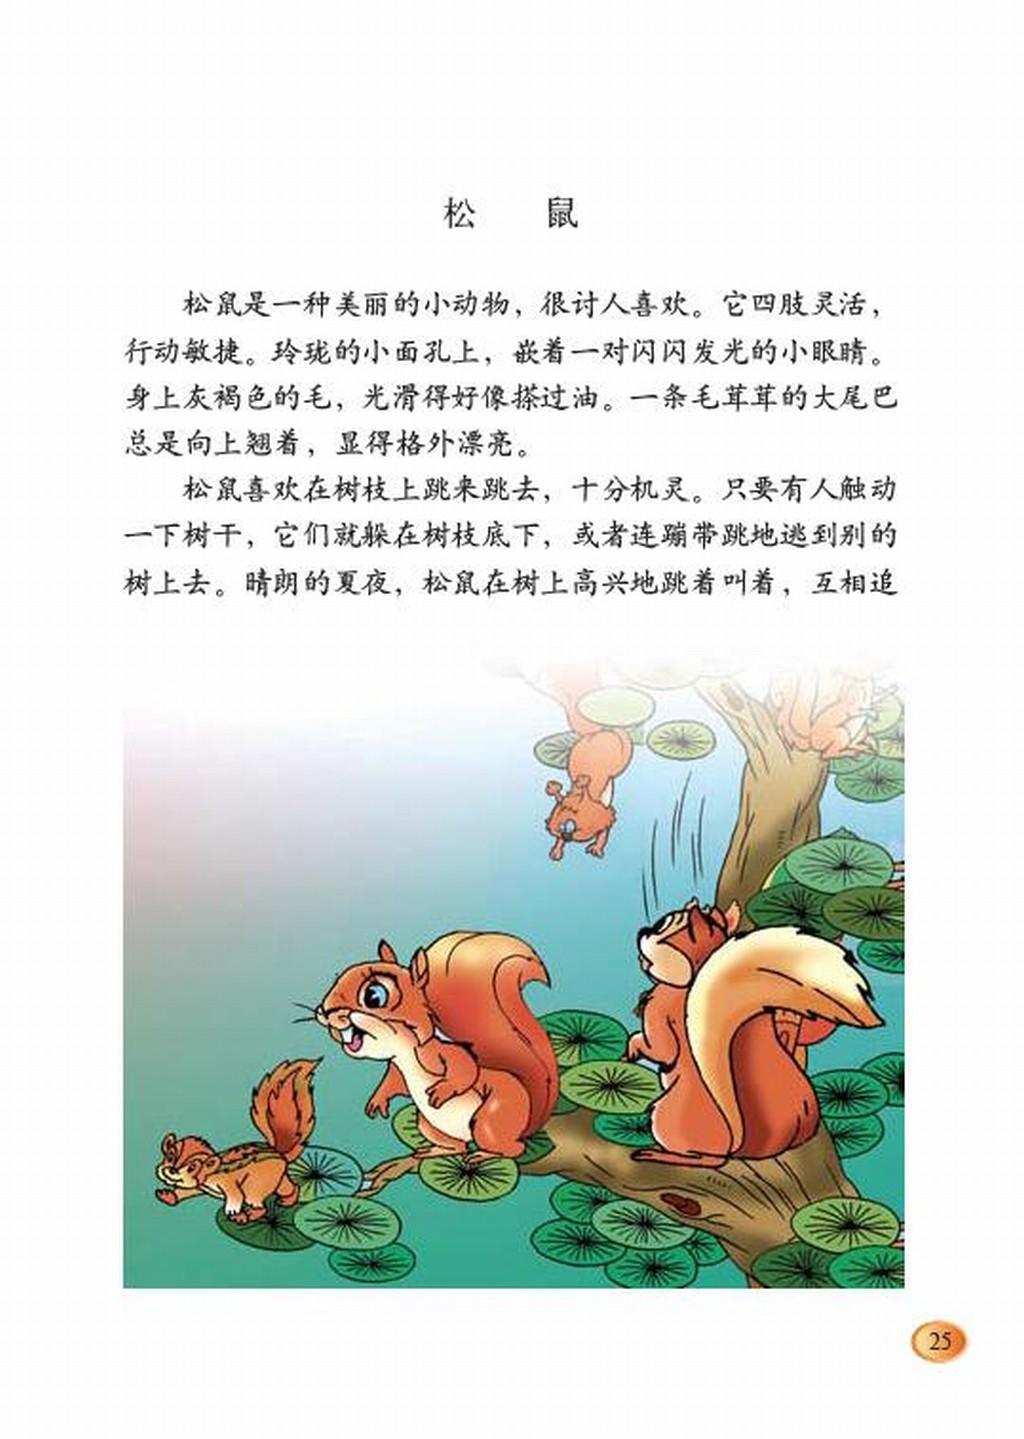 北师大版三年级语文下册第3单元 可爱的小生灵